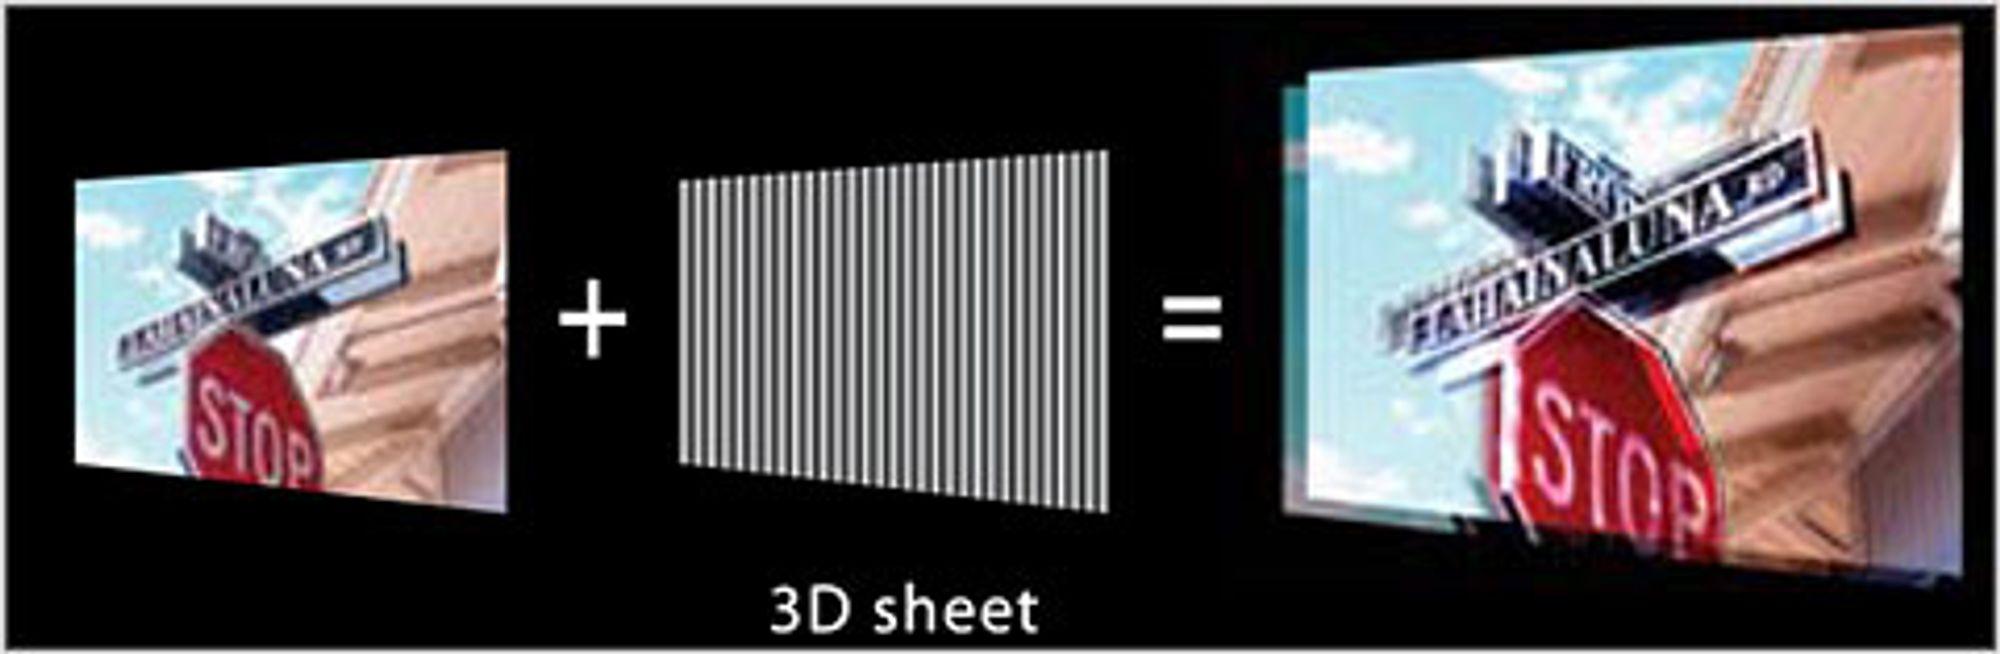 Med et eget filter, får du 3D-bilder uten bruk av briller og uten flimring.